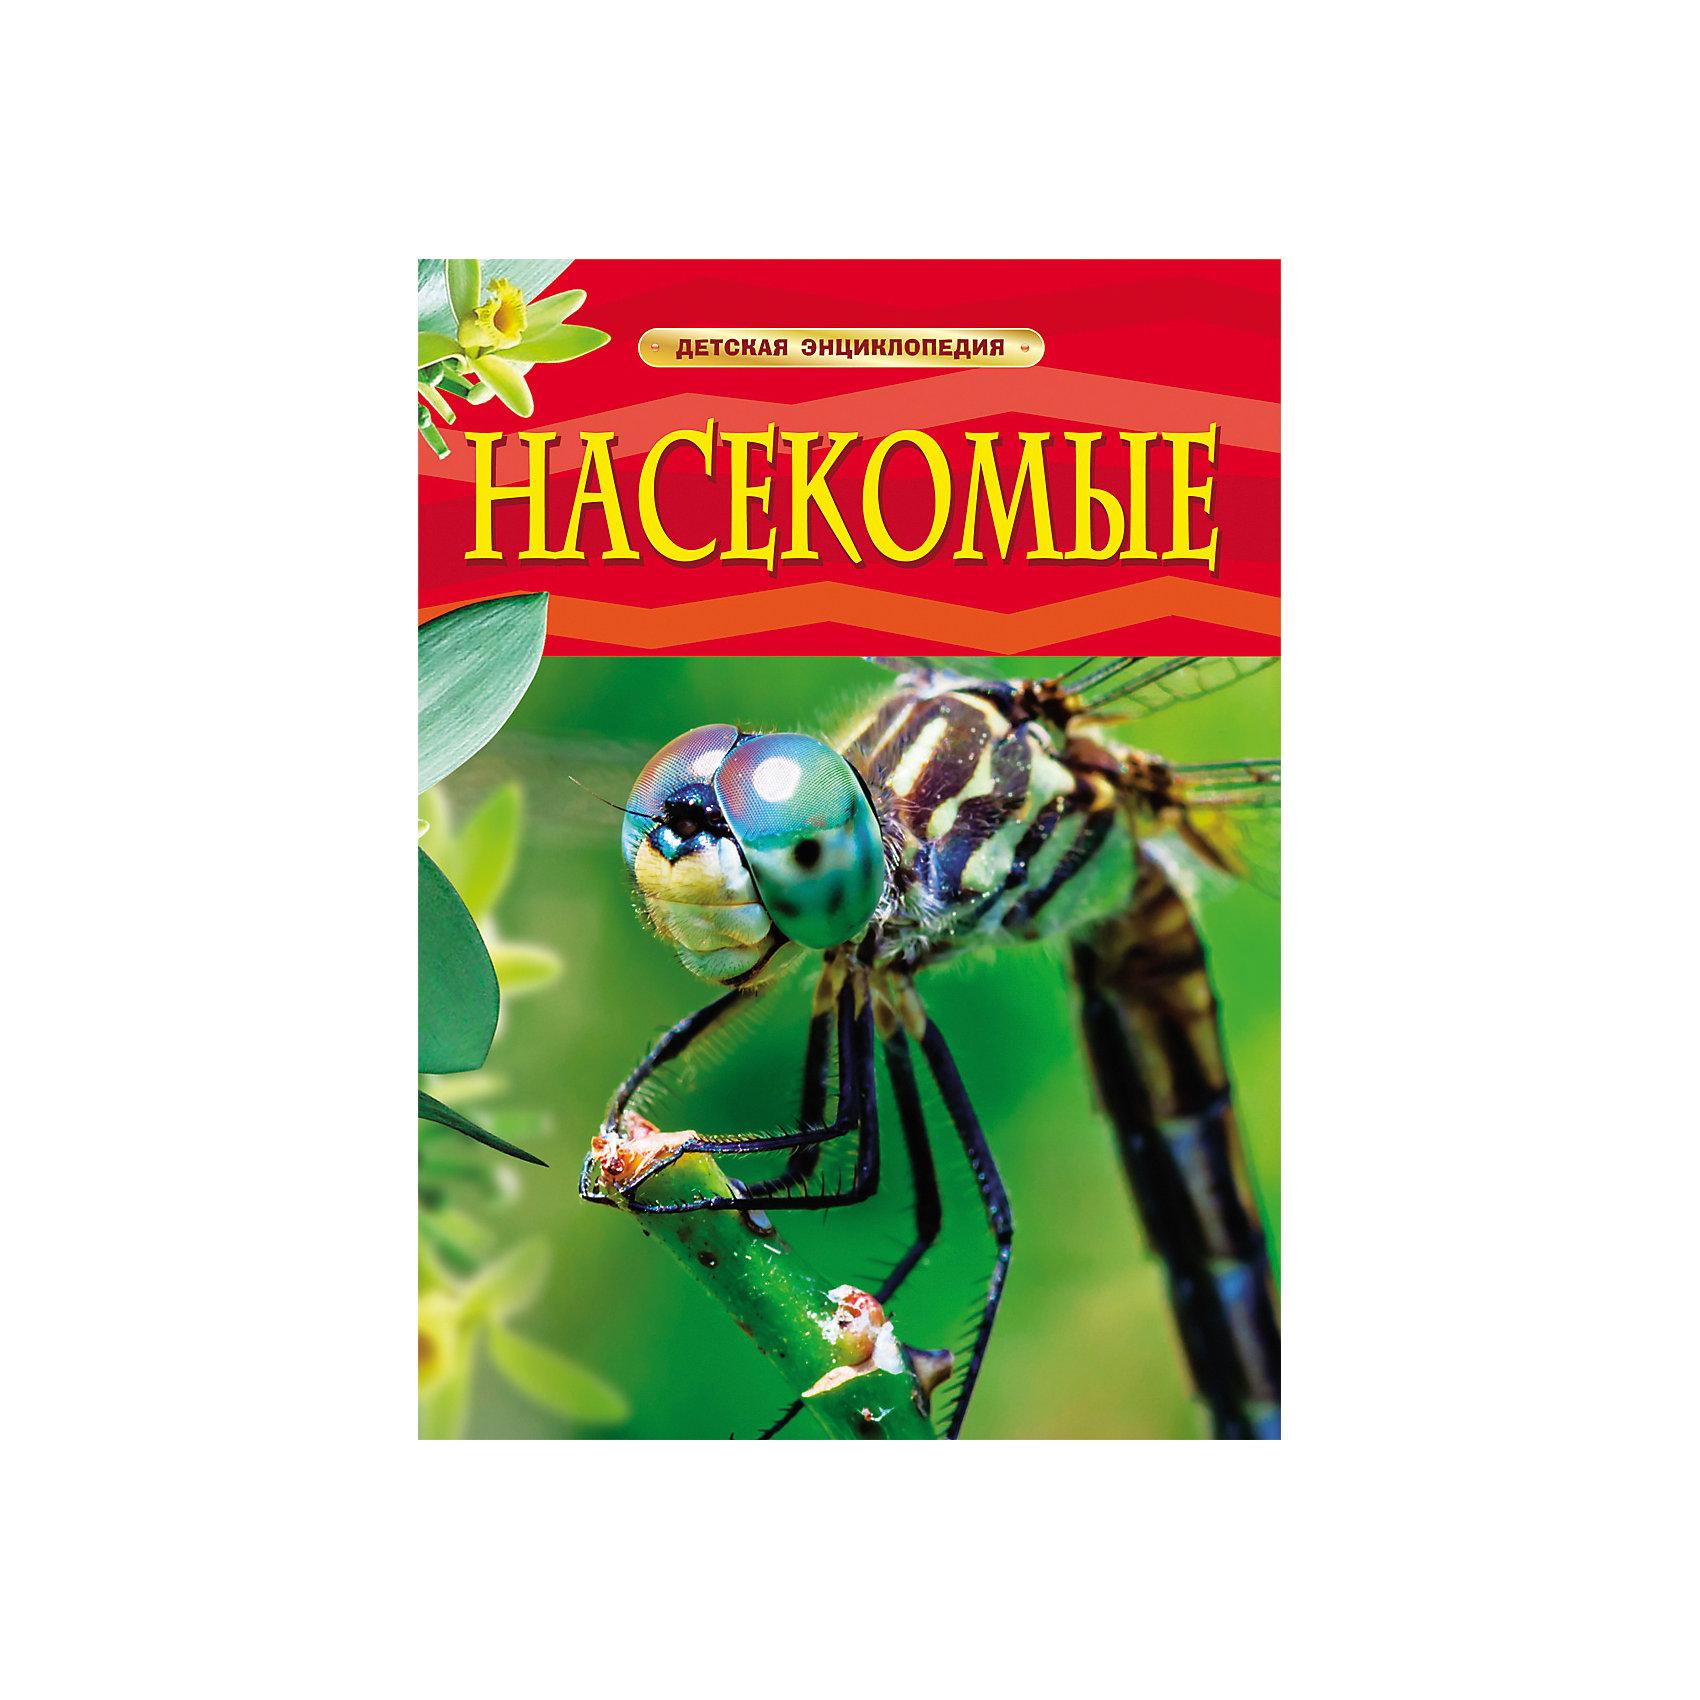 Насекомые, Детская энциклопедияХарактеристики товара:<br><br>- цвет: разноцветный;<br>- материал: бумага;<br>- страниц: 48;<br>- формат: 20 x 26 см;<br>- обложка: твердая;<br>- цветные иллюстрации.<br><br>Эта интересная книга с иллюстрациями станет отличным подарком для ребенка. Она содержит в себе ответы на вопросы, которые интересуют малышей. Всё представлено в очень простой форме! Талантливый иллюстратор дополнил книгу качественными рисунками, которые помогают ребенку понять суть многих вещей в нашем мире. Удивительные и интересные факты помогут привить любовь к учебе!<br>Чтение - отличный способ активизации мышления, оно помогает ребенку развивать зрительную память, концентрацию внимания и воображение. Издание произведено из качественных материалов, которые безопасны даже для самых маленьких.<br><br>Книгу Насекомые, Детская энциклопедия от компании Росмэн можно купить в нашем интернет-магазине.<br><br>Ширина мм: 275<br>Глубина мм: 210<br>Высота мм: 7<br>Вес г: 339<br>Возраст от месяцев: 60<br>Возраст до месяцев: 84<br>Пол: Унисекс<br>Возраст: Детский<br>SKU: 5109971